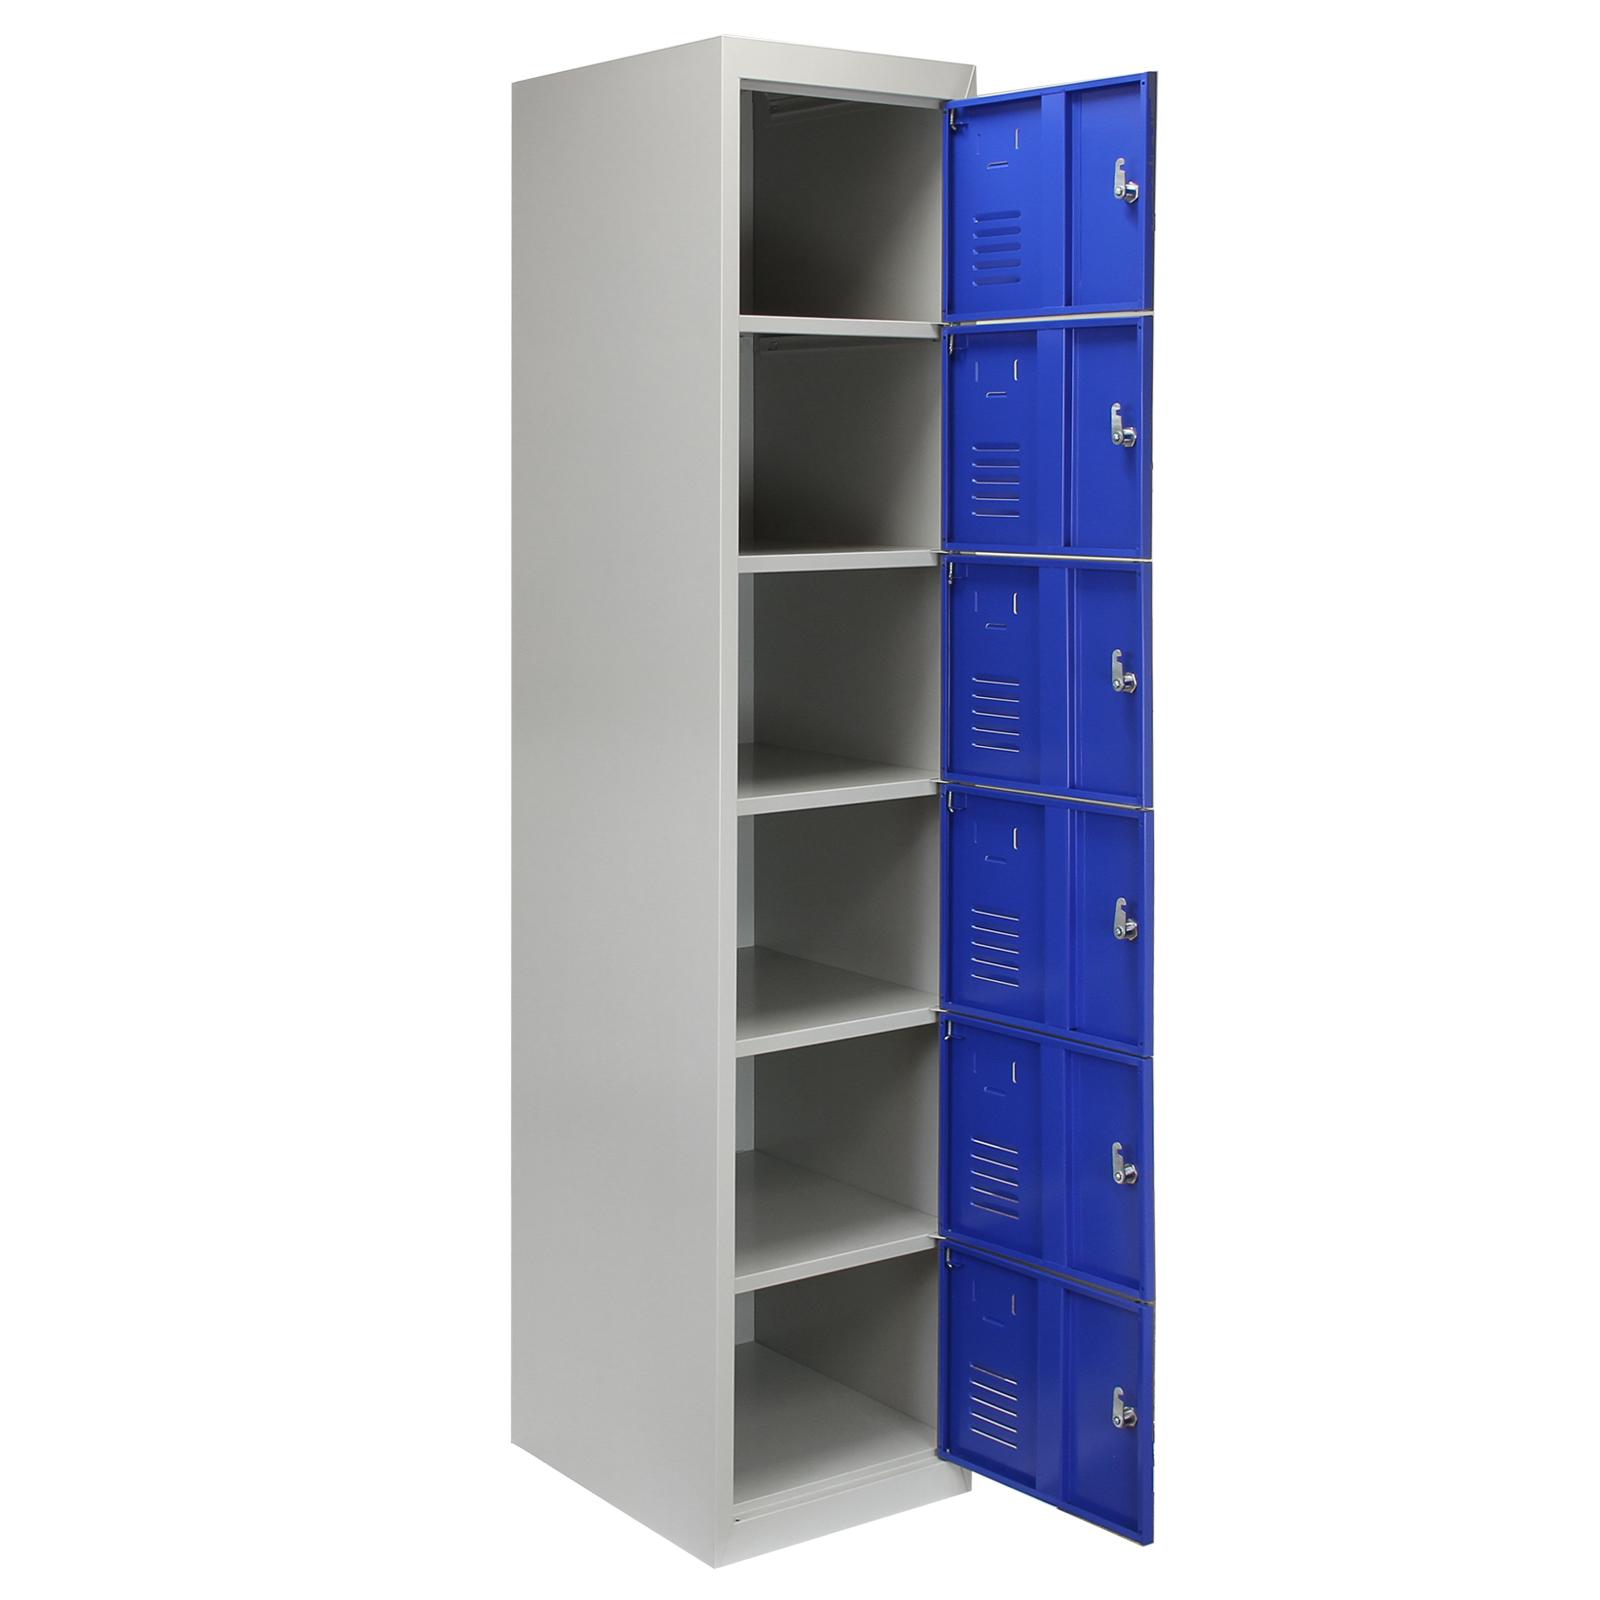 Steel Lockers 6 Doors Lockable Metal Storage Staff Gym Changing Room School Blue Ebay